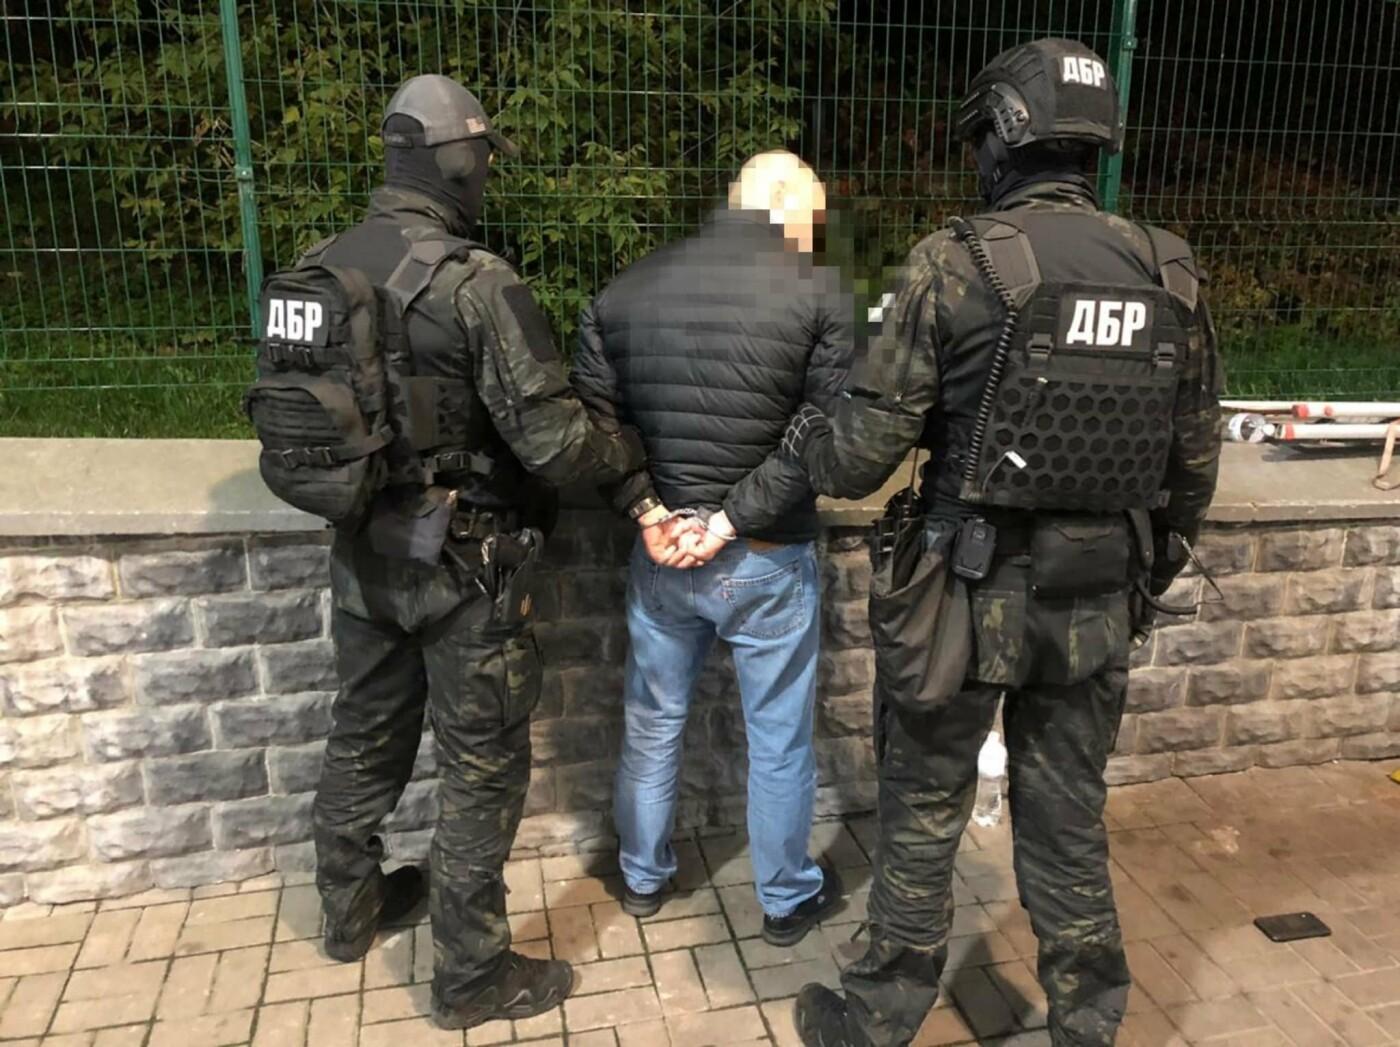 В Киеве задержали полицейских, которые вымогали 250 тысяч гривен у бизнесмена, Фото прокуратуры